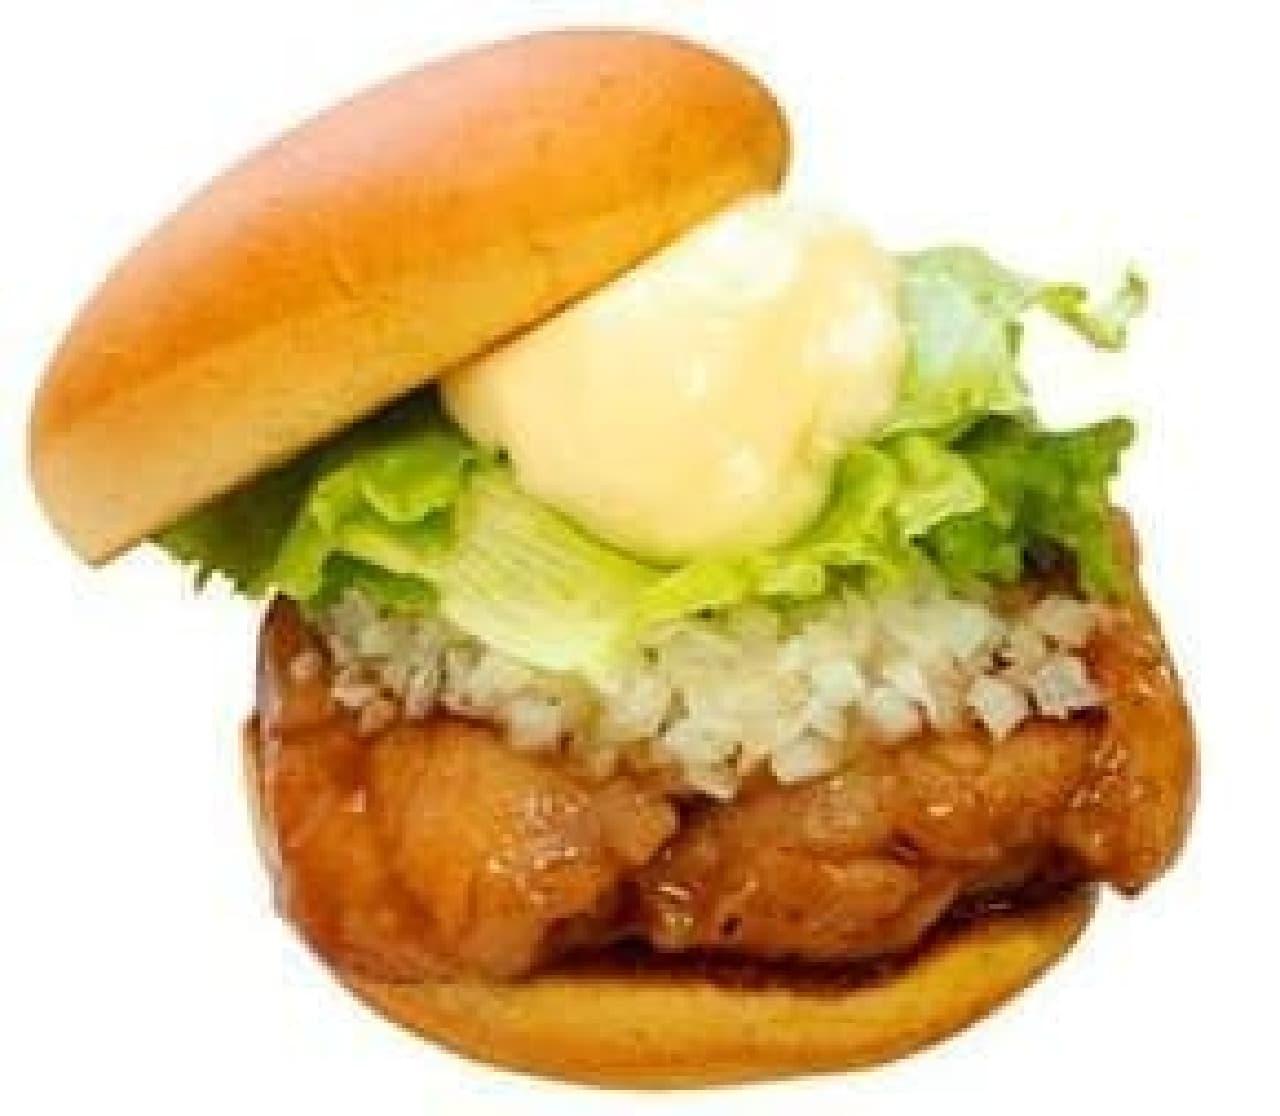 チキン15%増量!  食べごたえもアップした「テリヤキチキンバーガー」